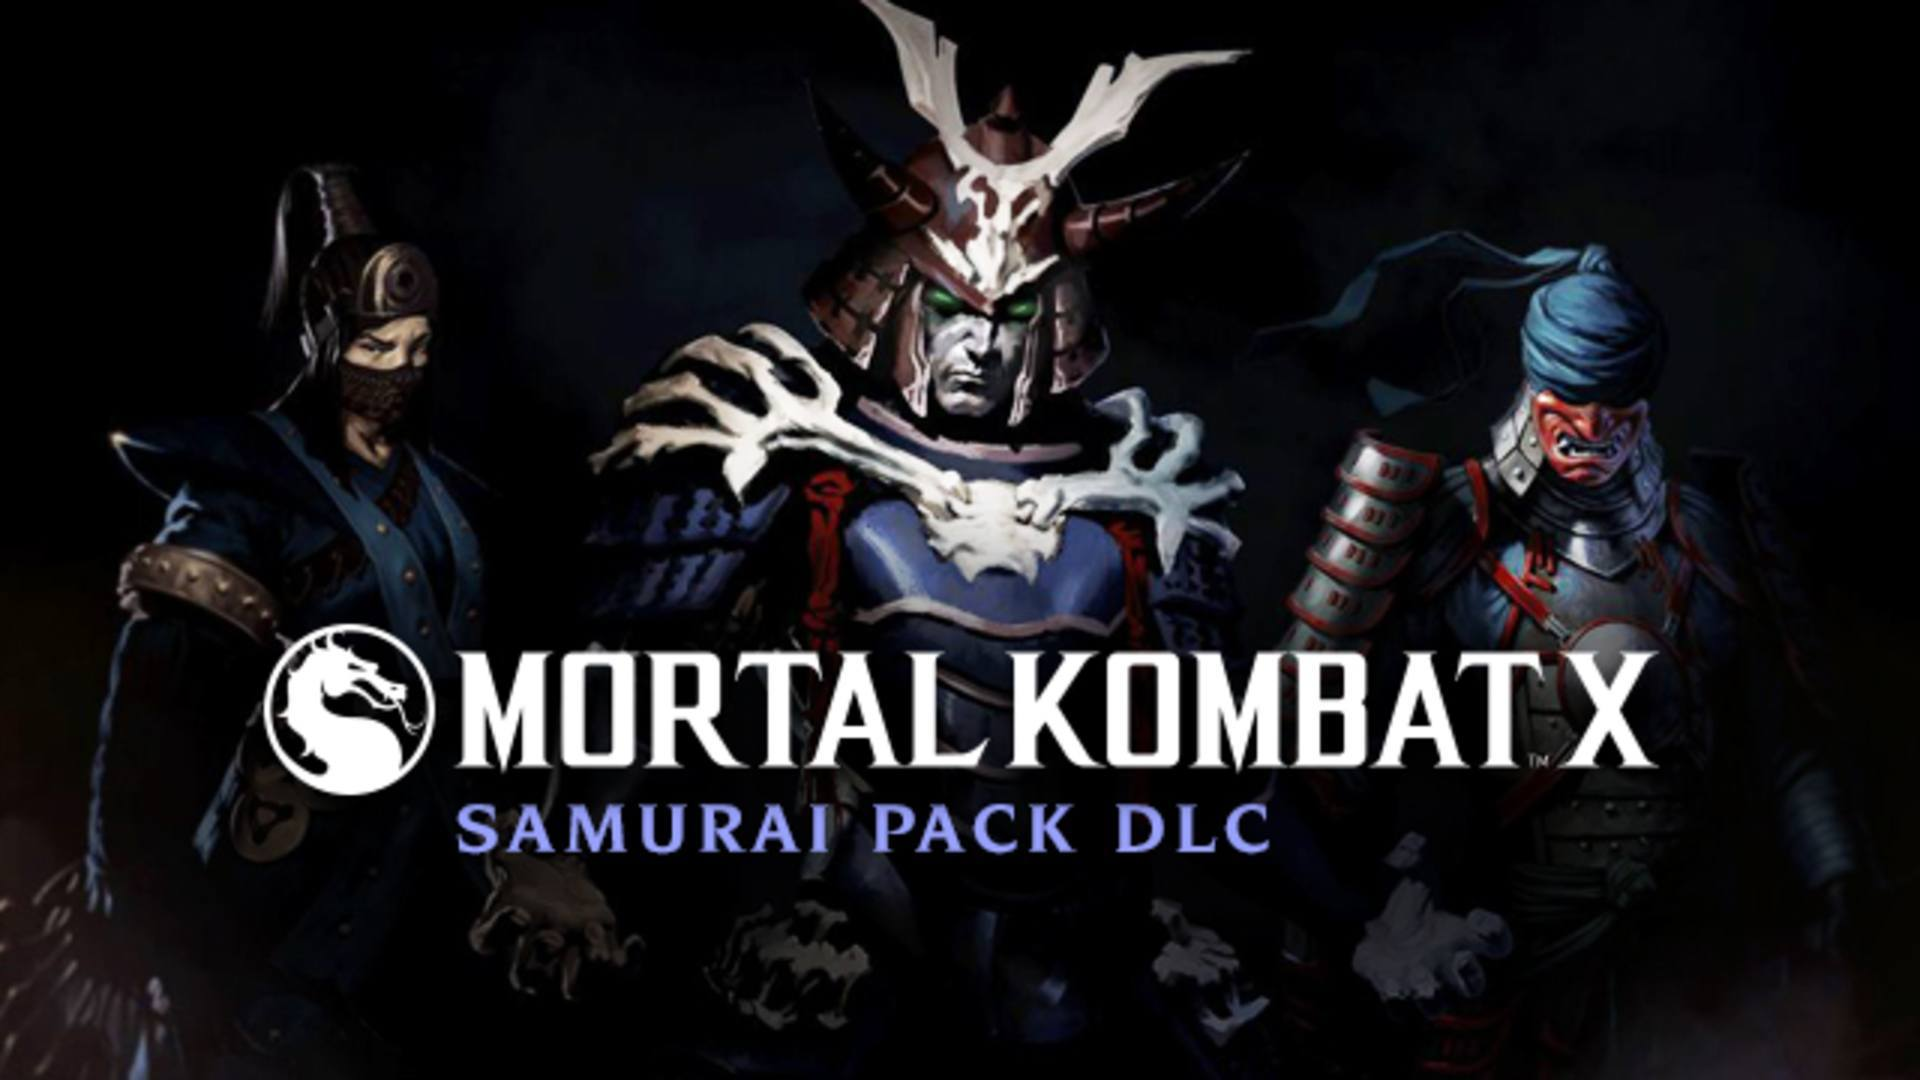 Mortal Kombat X Samurai Pack Dlc Pc Steam Herunterladbare Inhalte